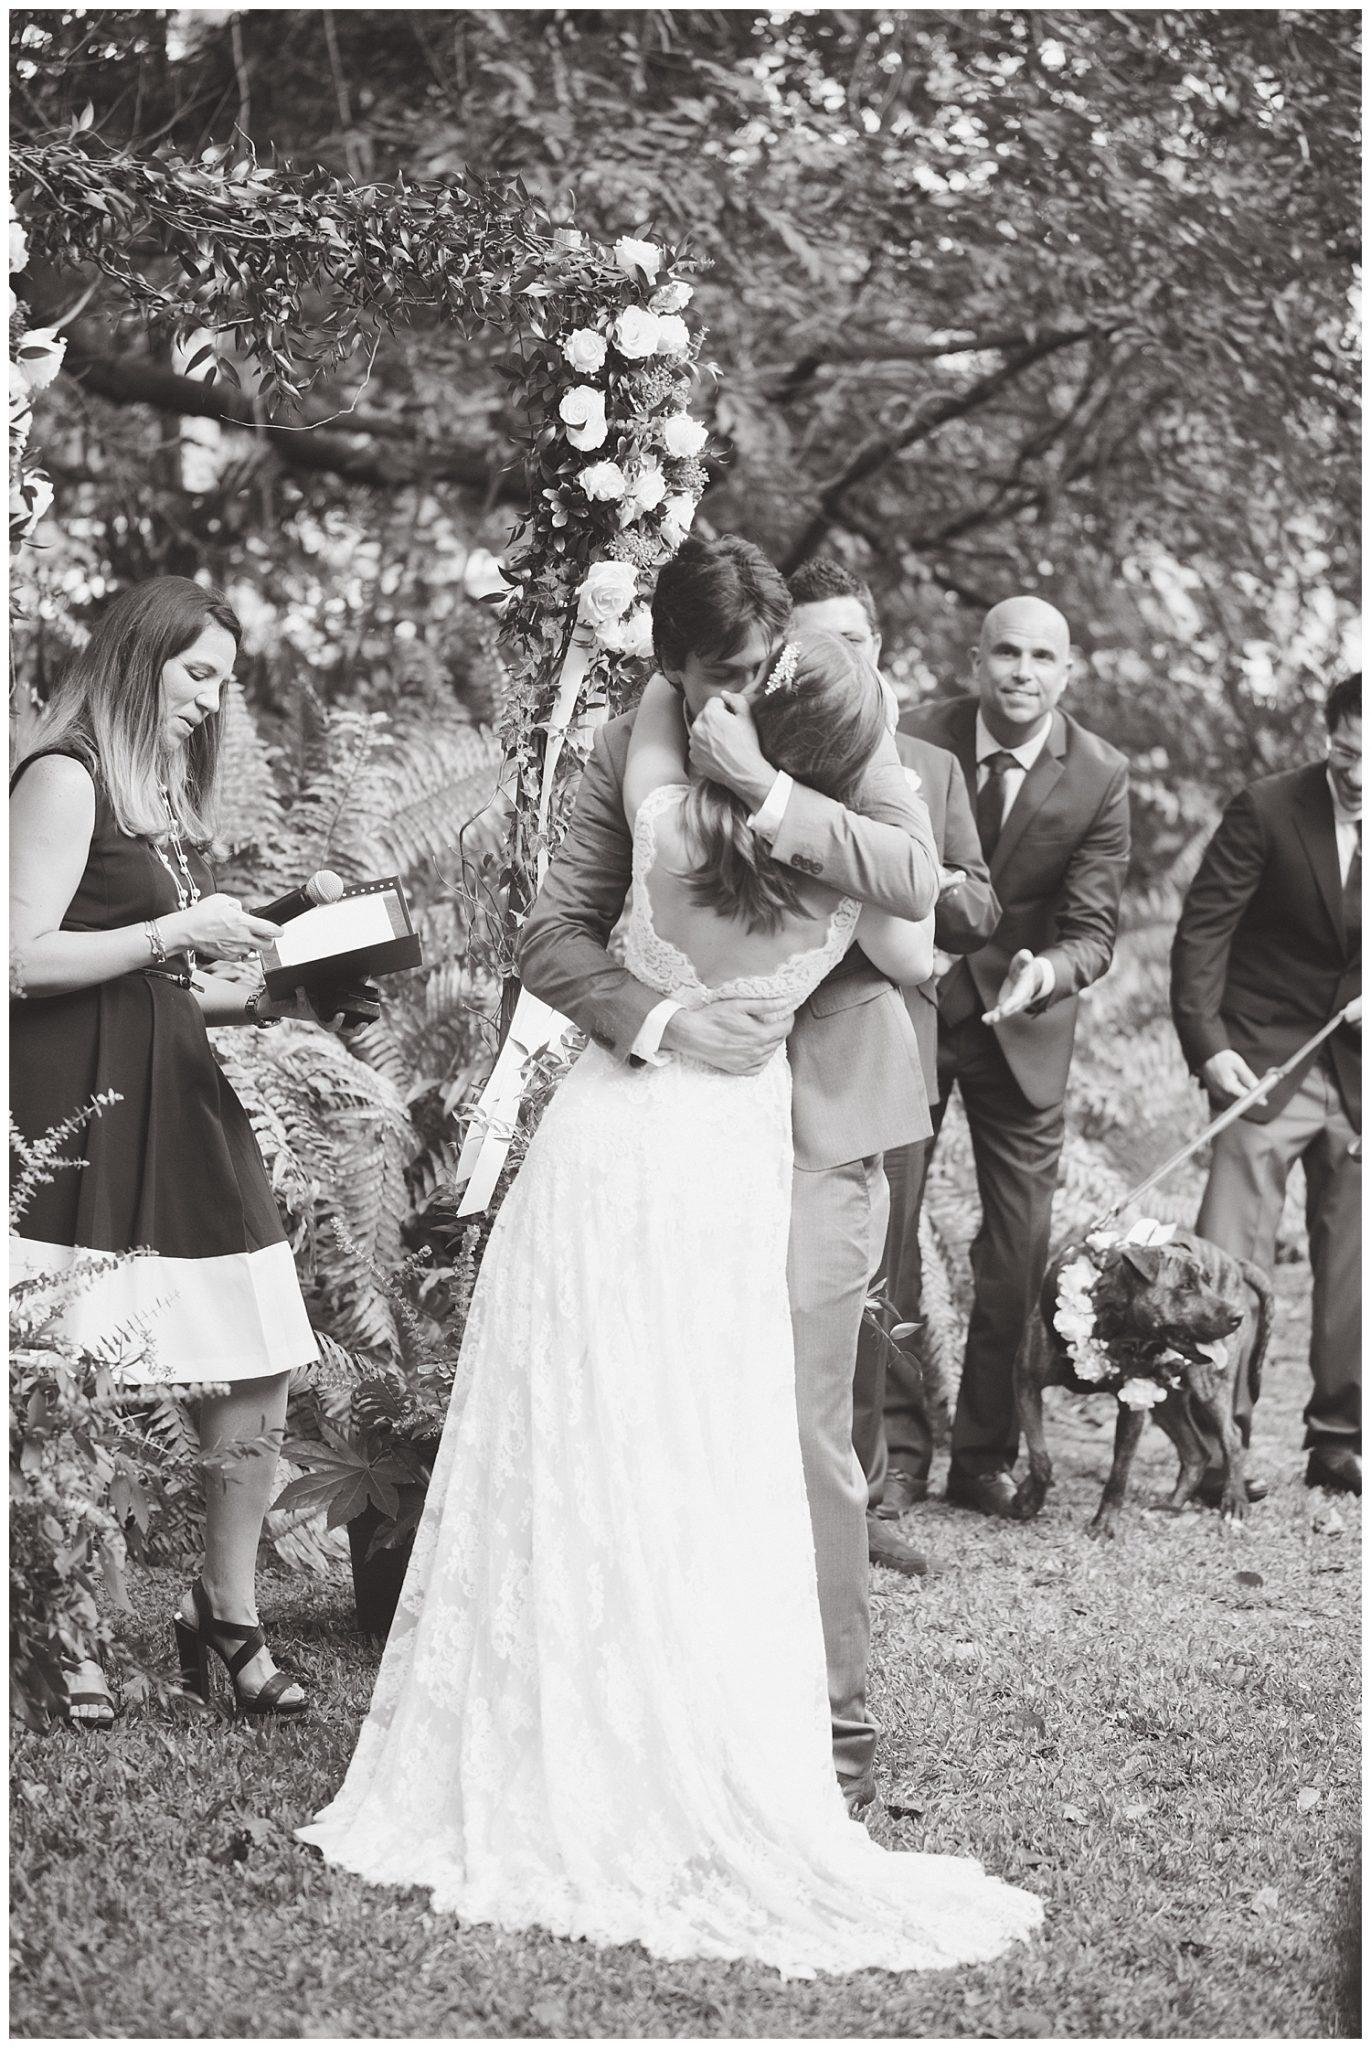 Marine Gomez Photographie - Photographe de mariage Paris et Fontainebleau